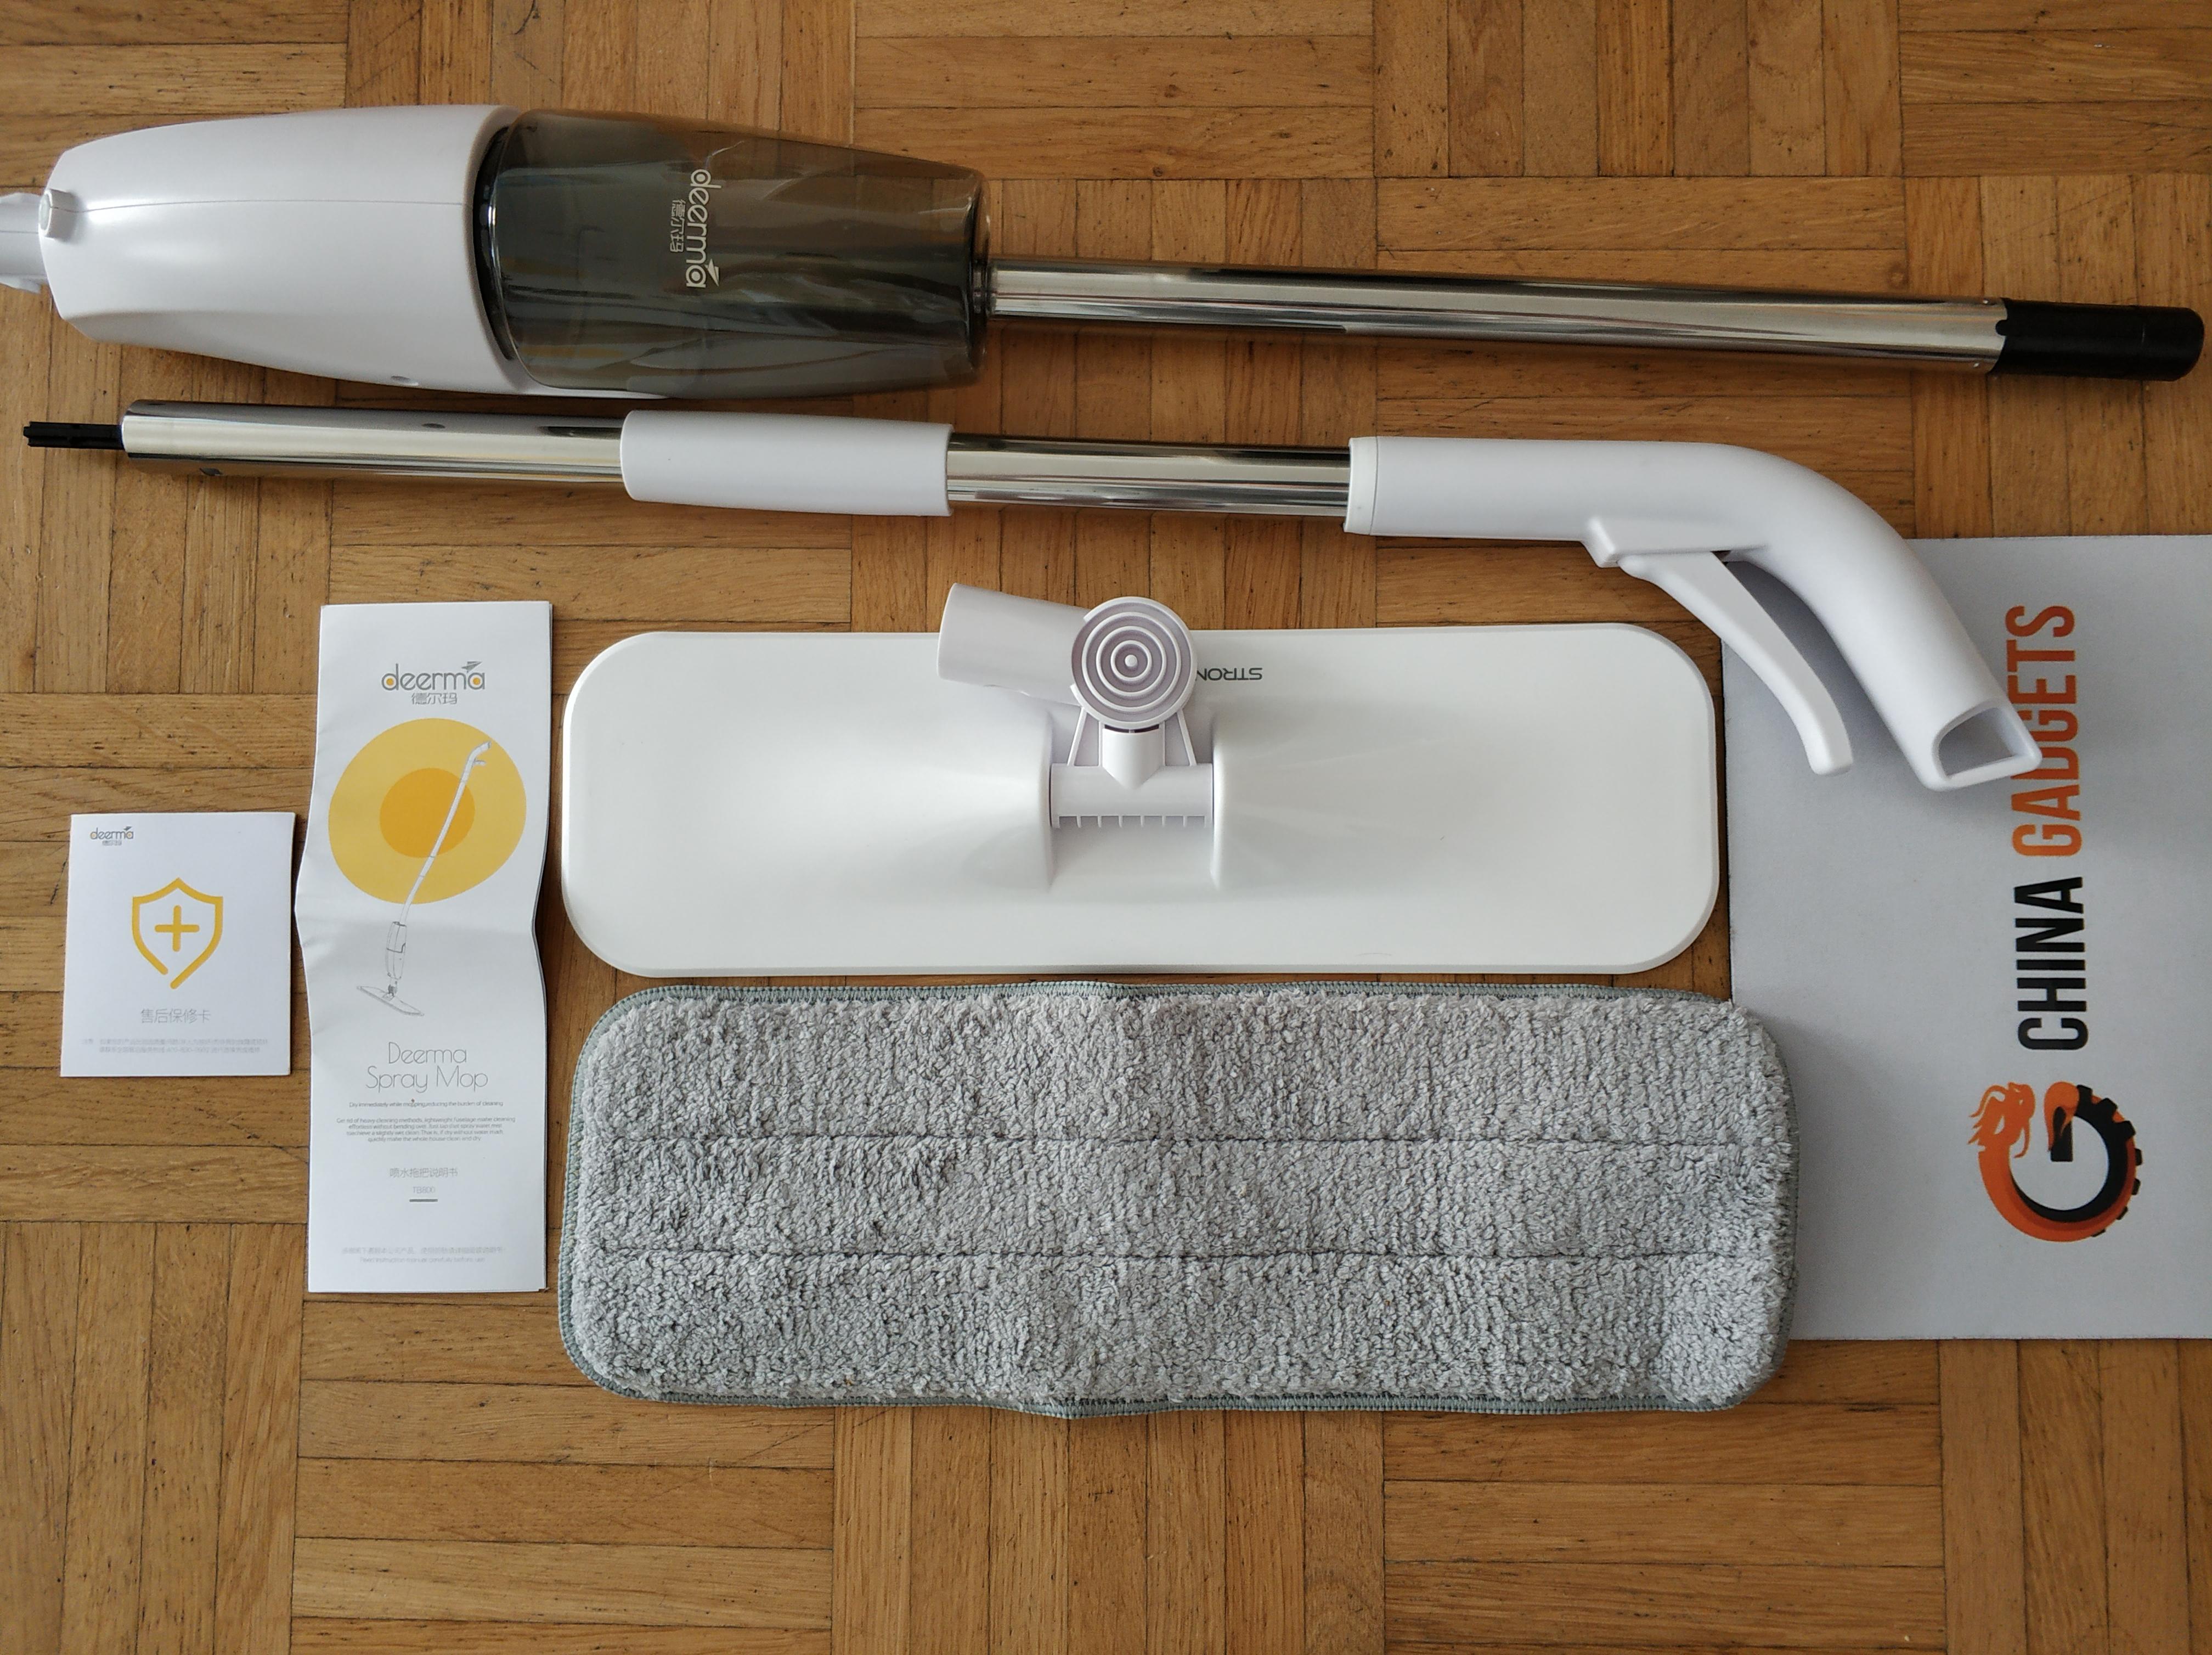 Fußboden Wohnung Xiaomi ~ Im test: xiaomi deerma sprühmopp: besser nasswischen?